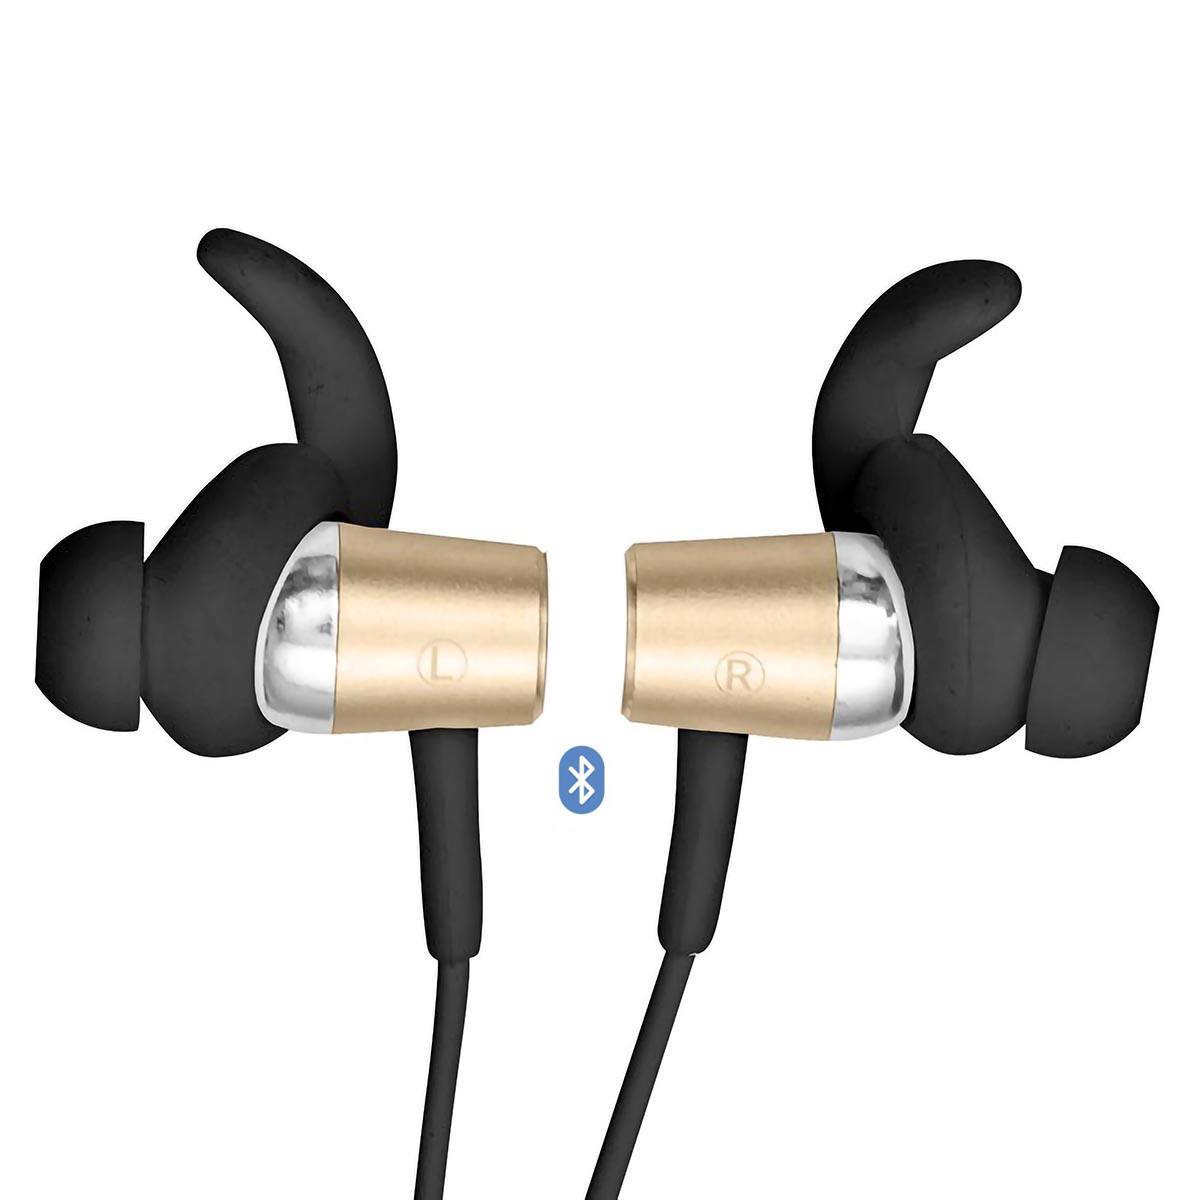 Fone de Ouvido Sport Bluetooth Earphone com Microfone e Controle para Chamadas FB-BT1 Preto com Dourado